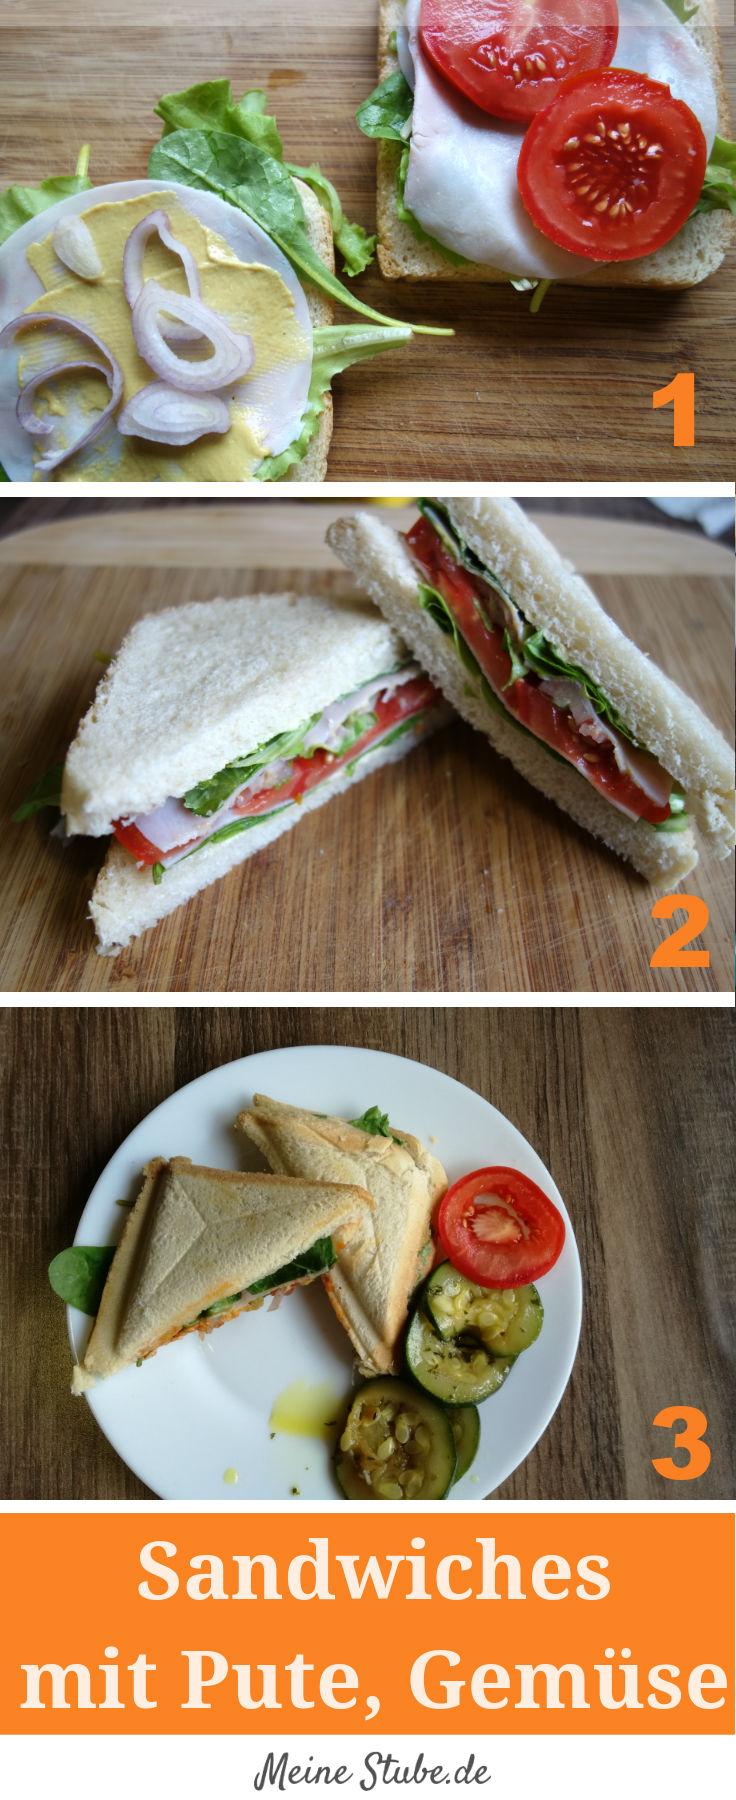 sandwiches-drei-schritte.jpg